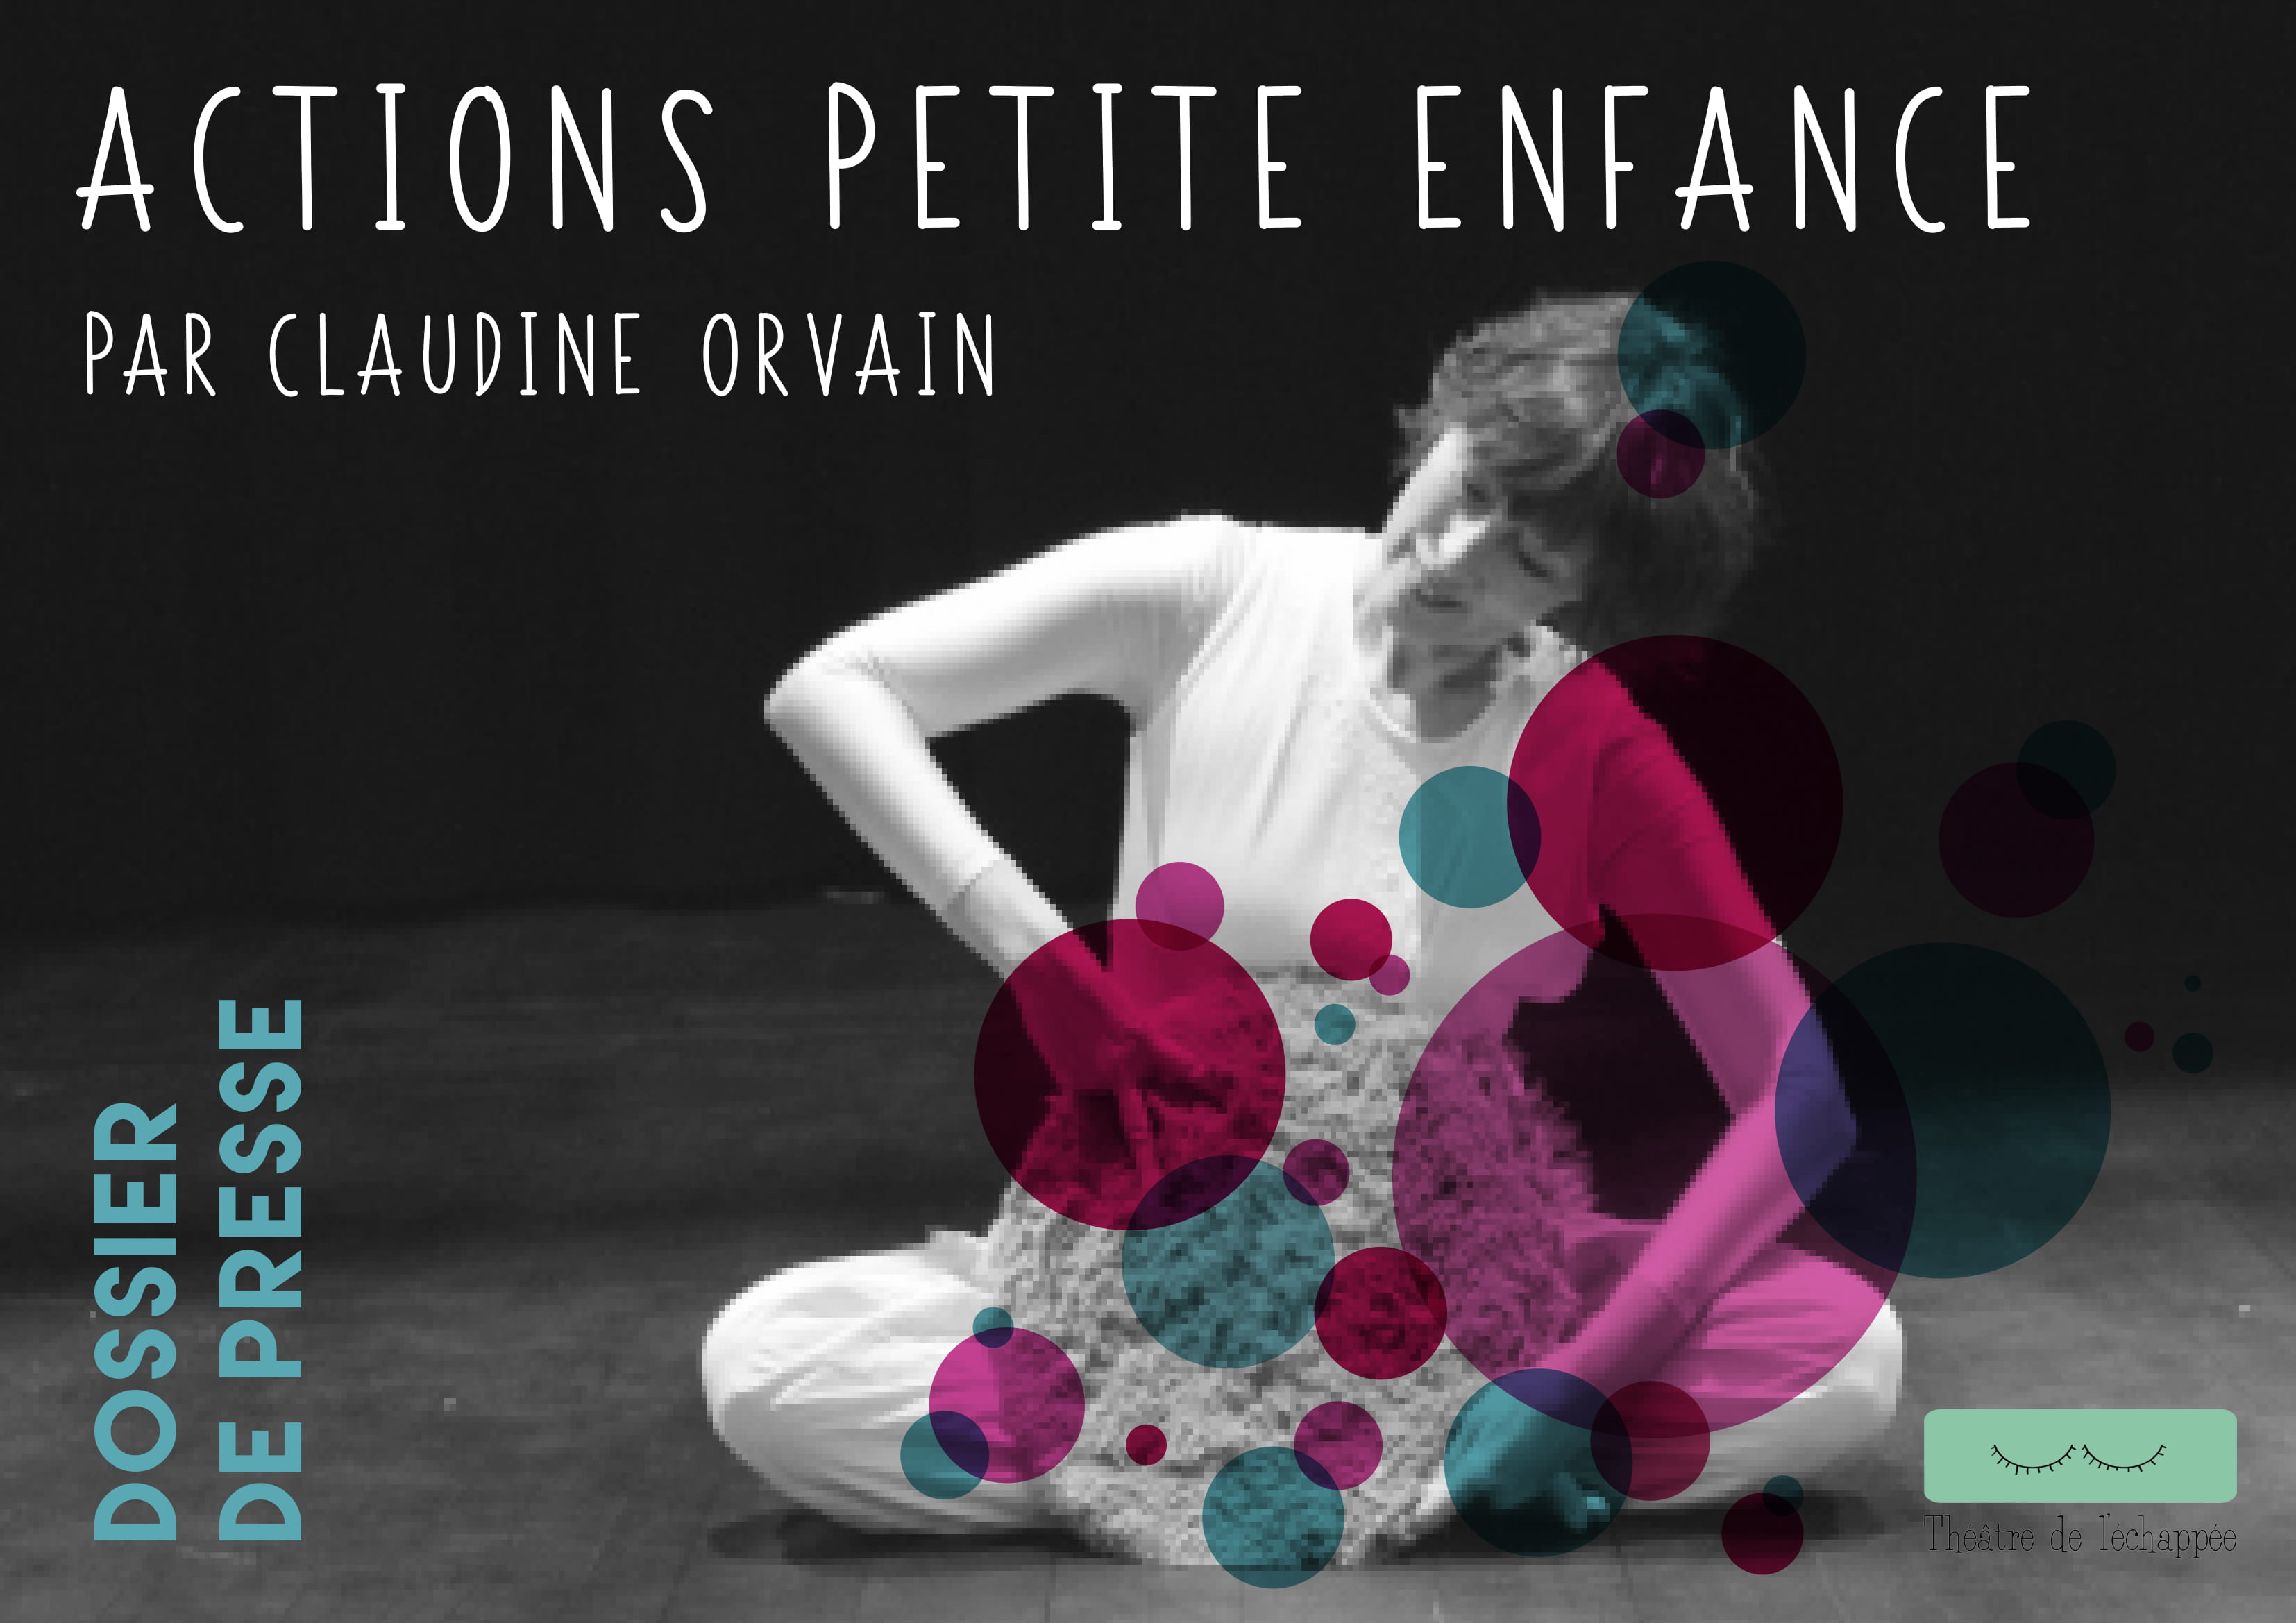 dossier de presse Petite Enfance-1